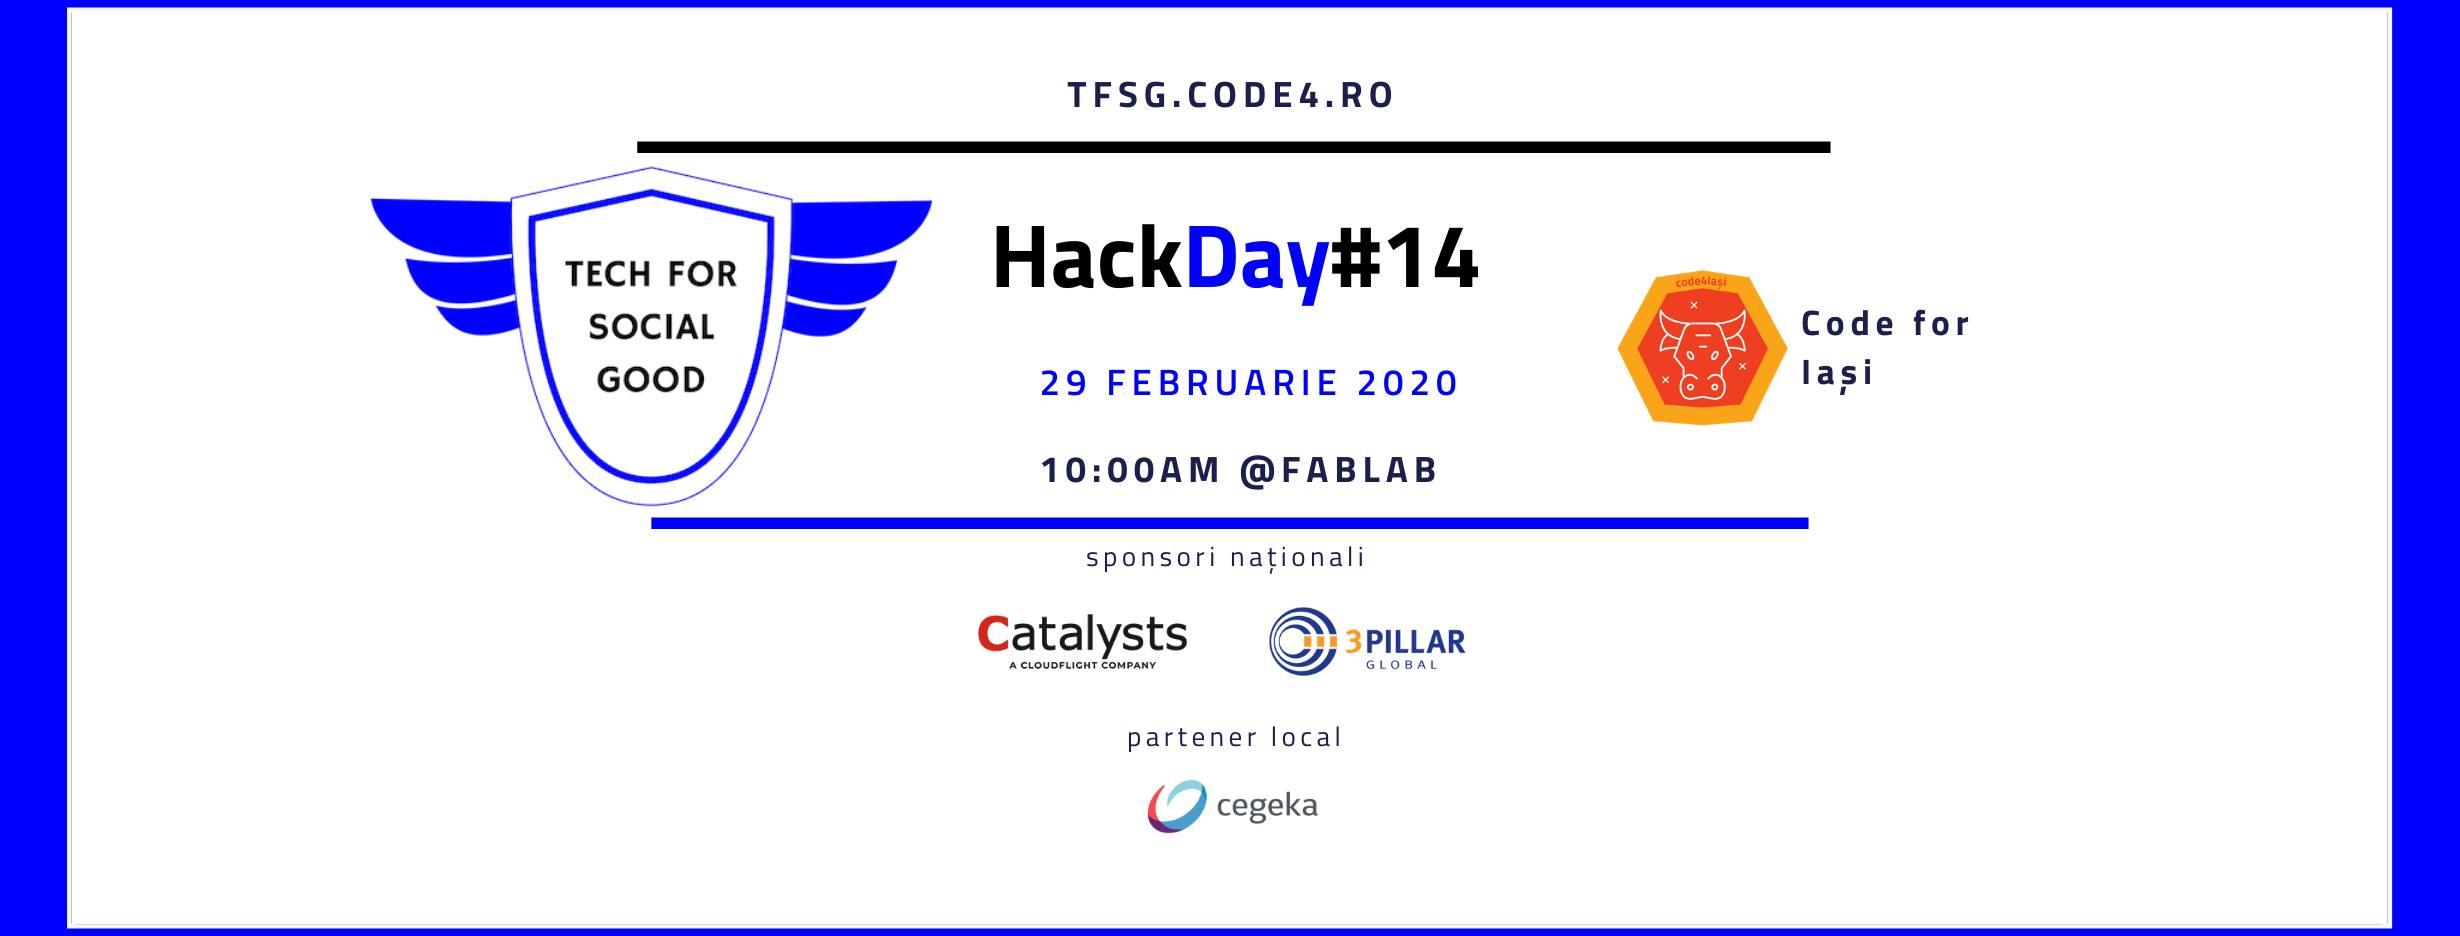 HackDay#14 > Haide să dăm gata împreună riscul seismic!